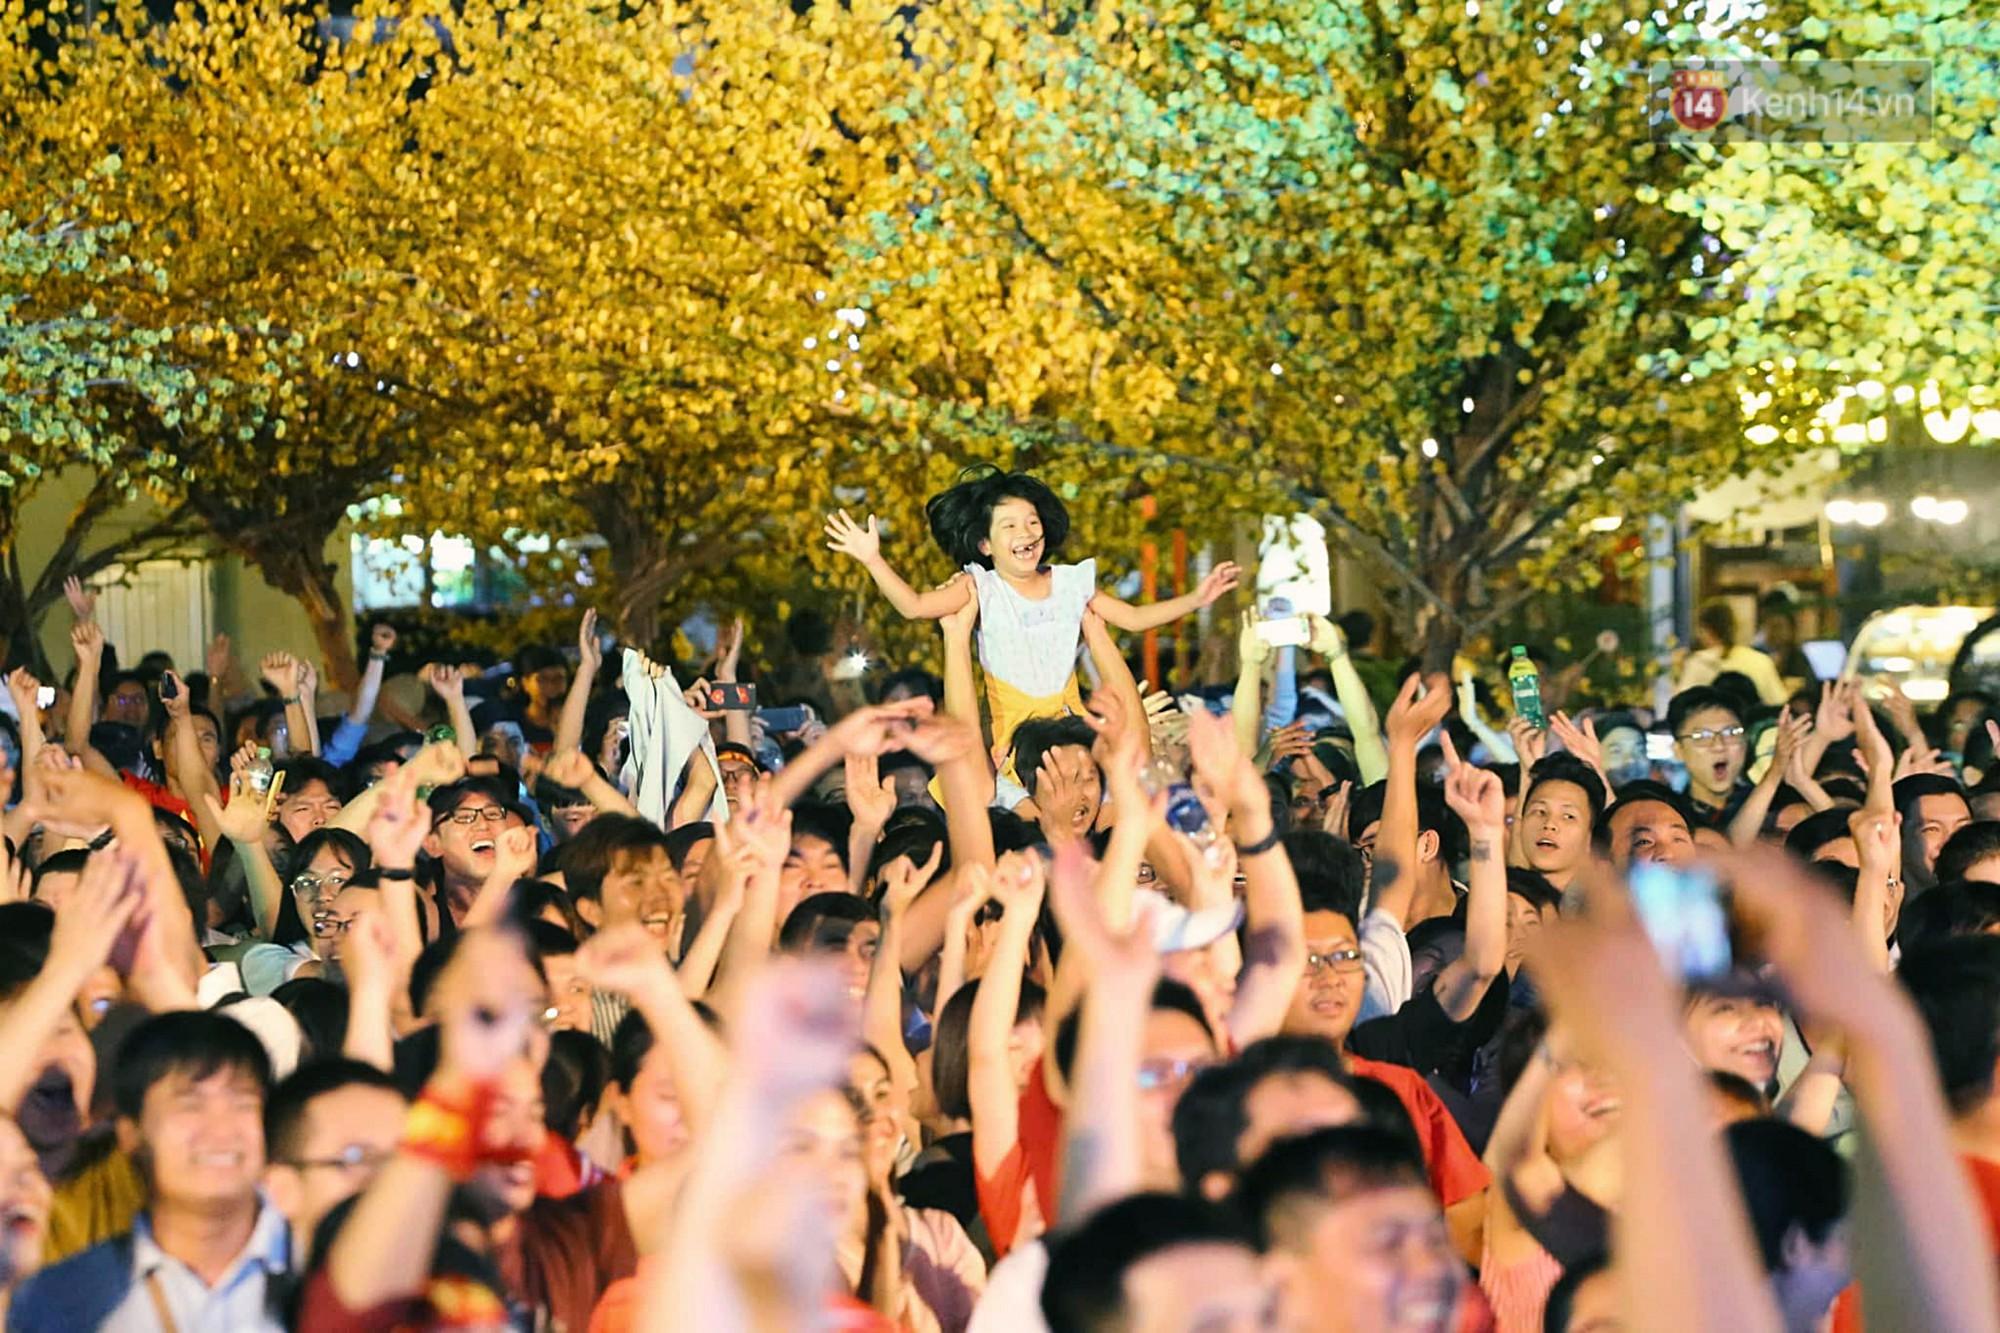 120 phút khó quên: Những cảm xúc từ hụt hẫng, thót tim đến vỡ òa hạnh phúc của người hâm mộ trong trận thắng lịch sử của ĐT Việt Nam - Ảnh 11.